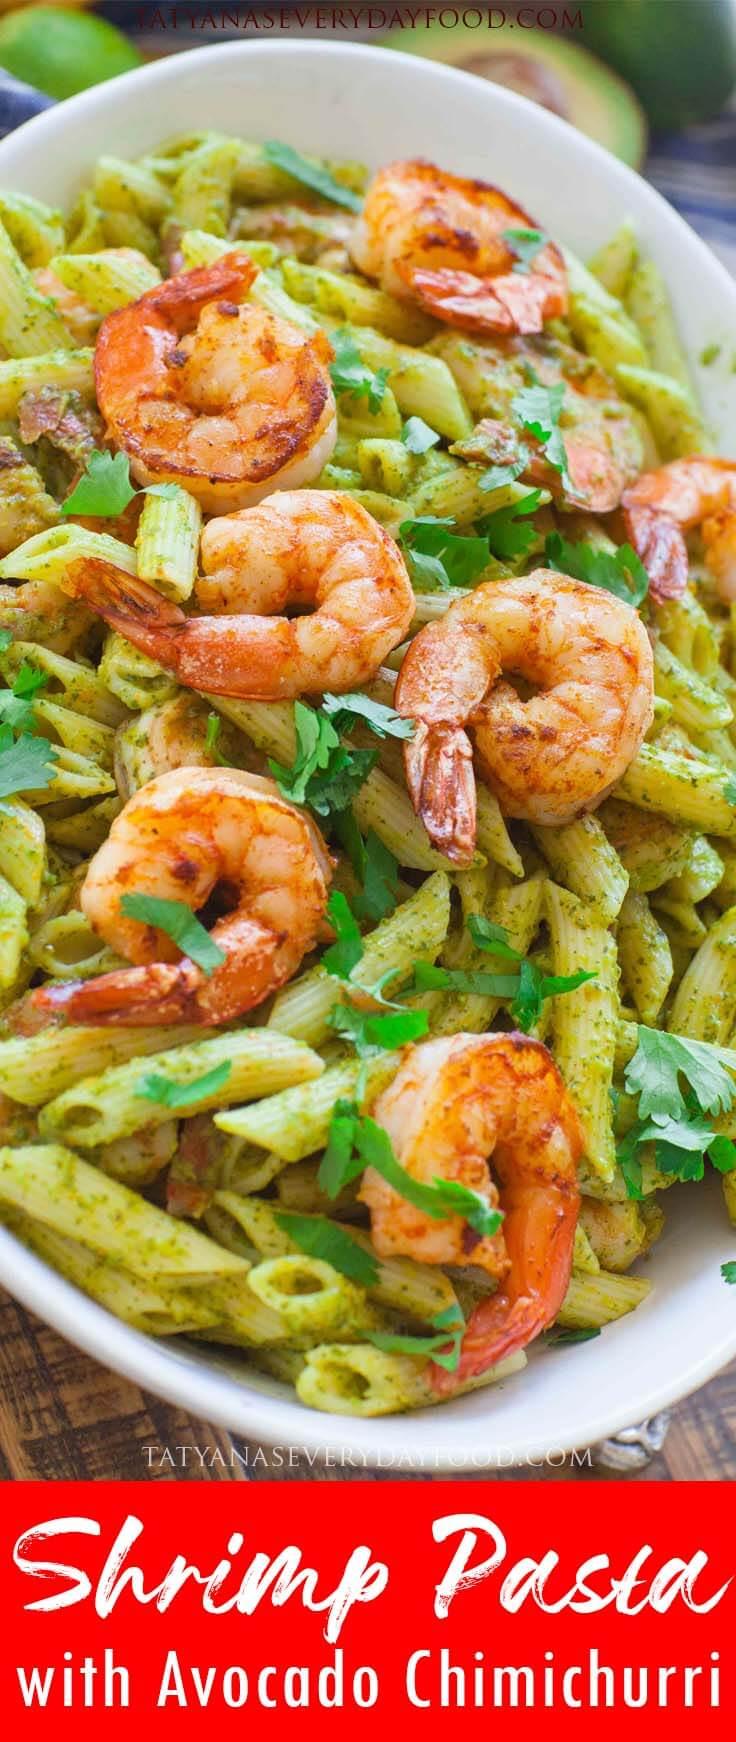 Easy Chimichurri Shrimp Pasta video recipe